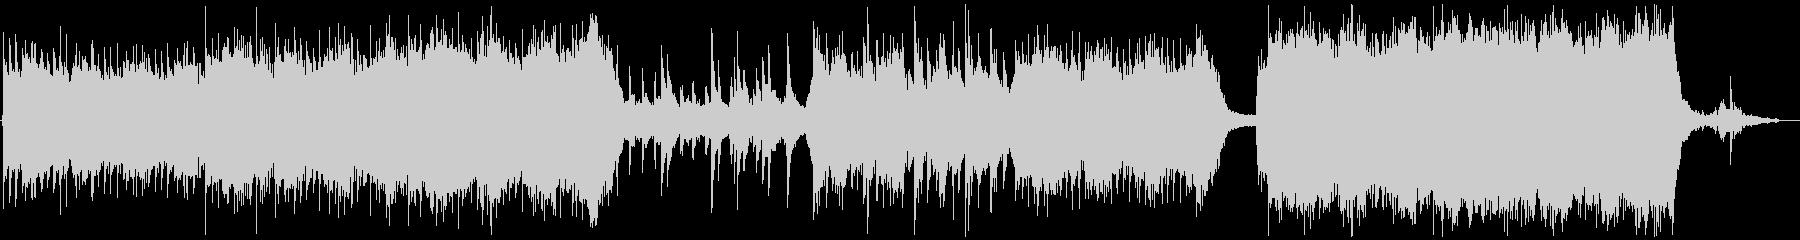 エモーショナルオーケストラ/ジングルの未再生の波形